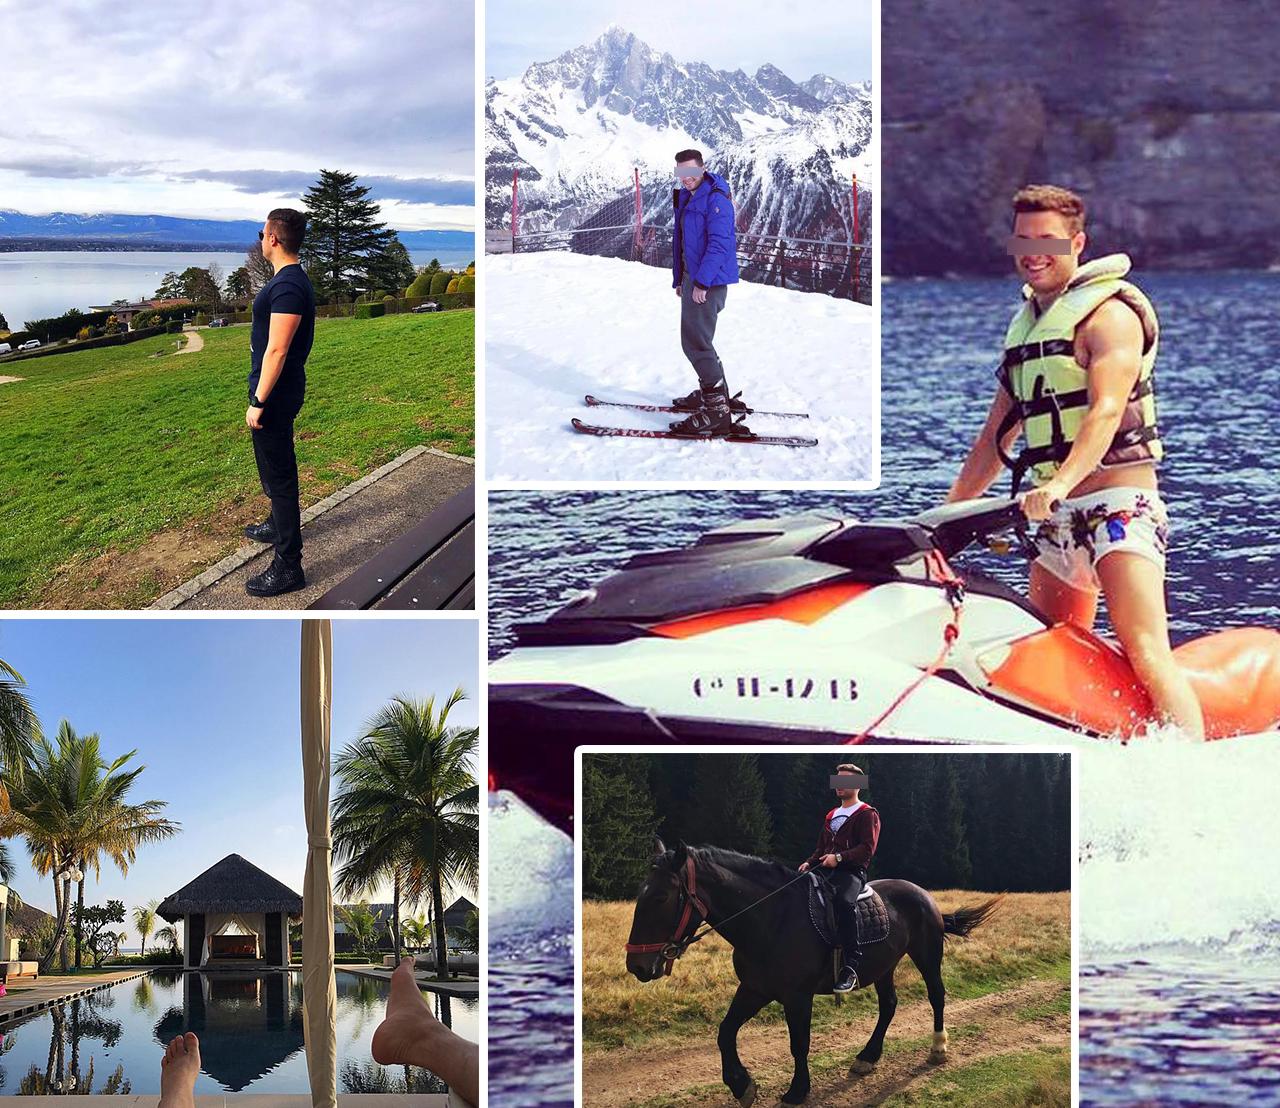 Puştiul, care trăieşte în Elveţia, are lumea la picioare: merge în vacanţe super-luxoase şi trăieşte viaţa la maxim